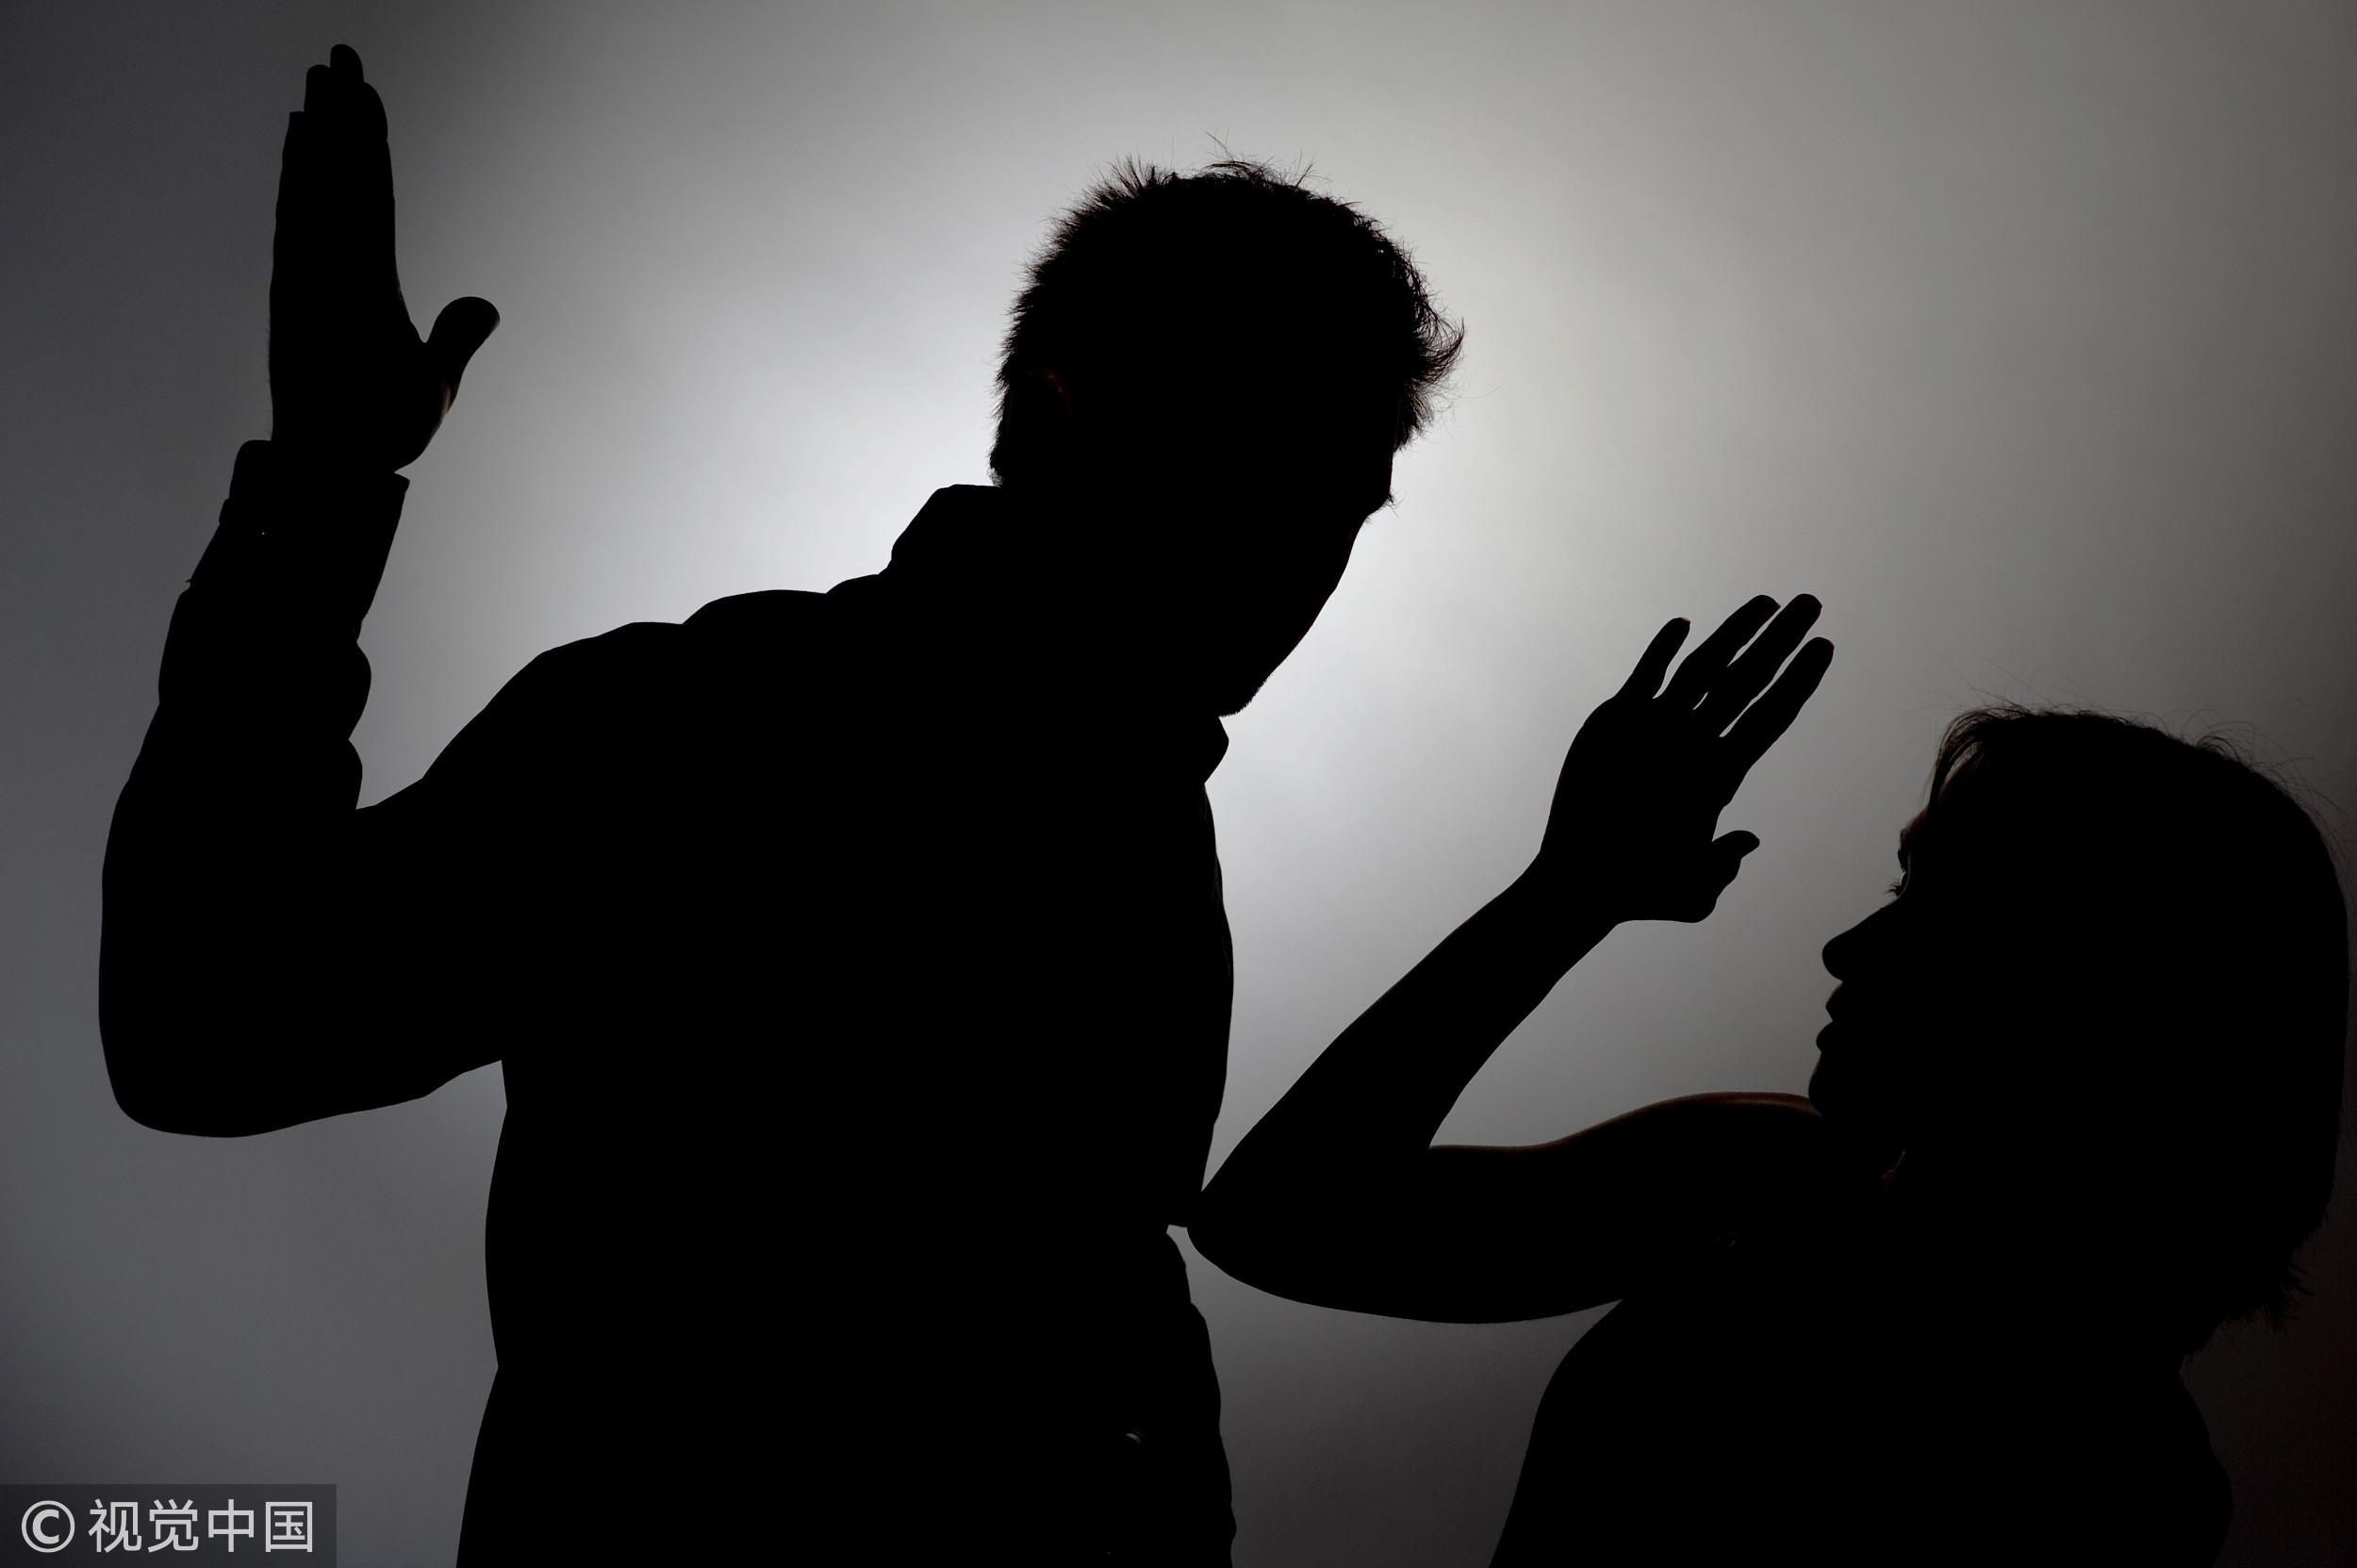 ▲▼家暴,家庭暴力,暴力,揍人,感情,兩性,戀愛,恐怖情人,受虐婦女。(圖/CFP)